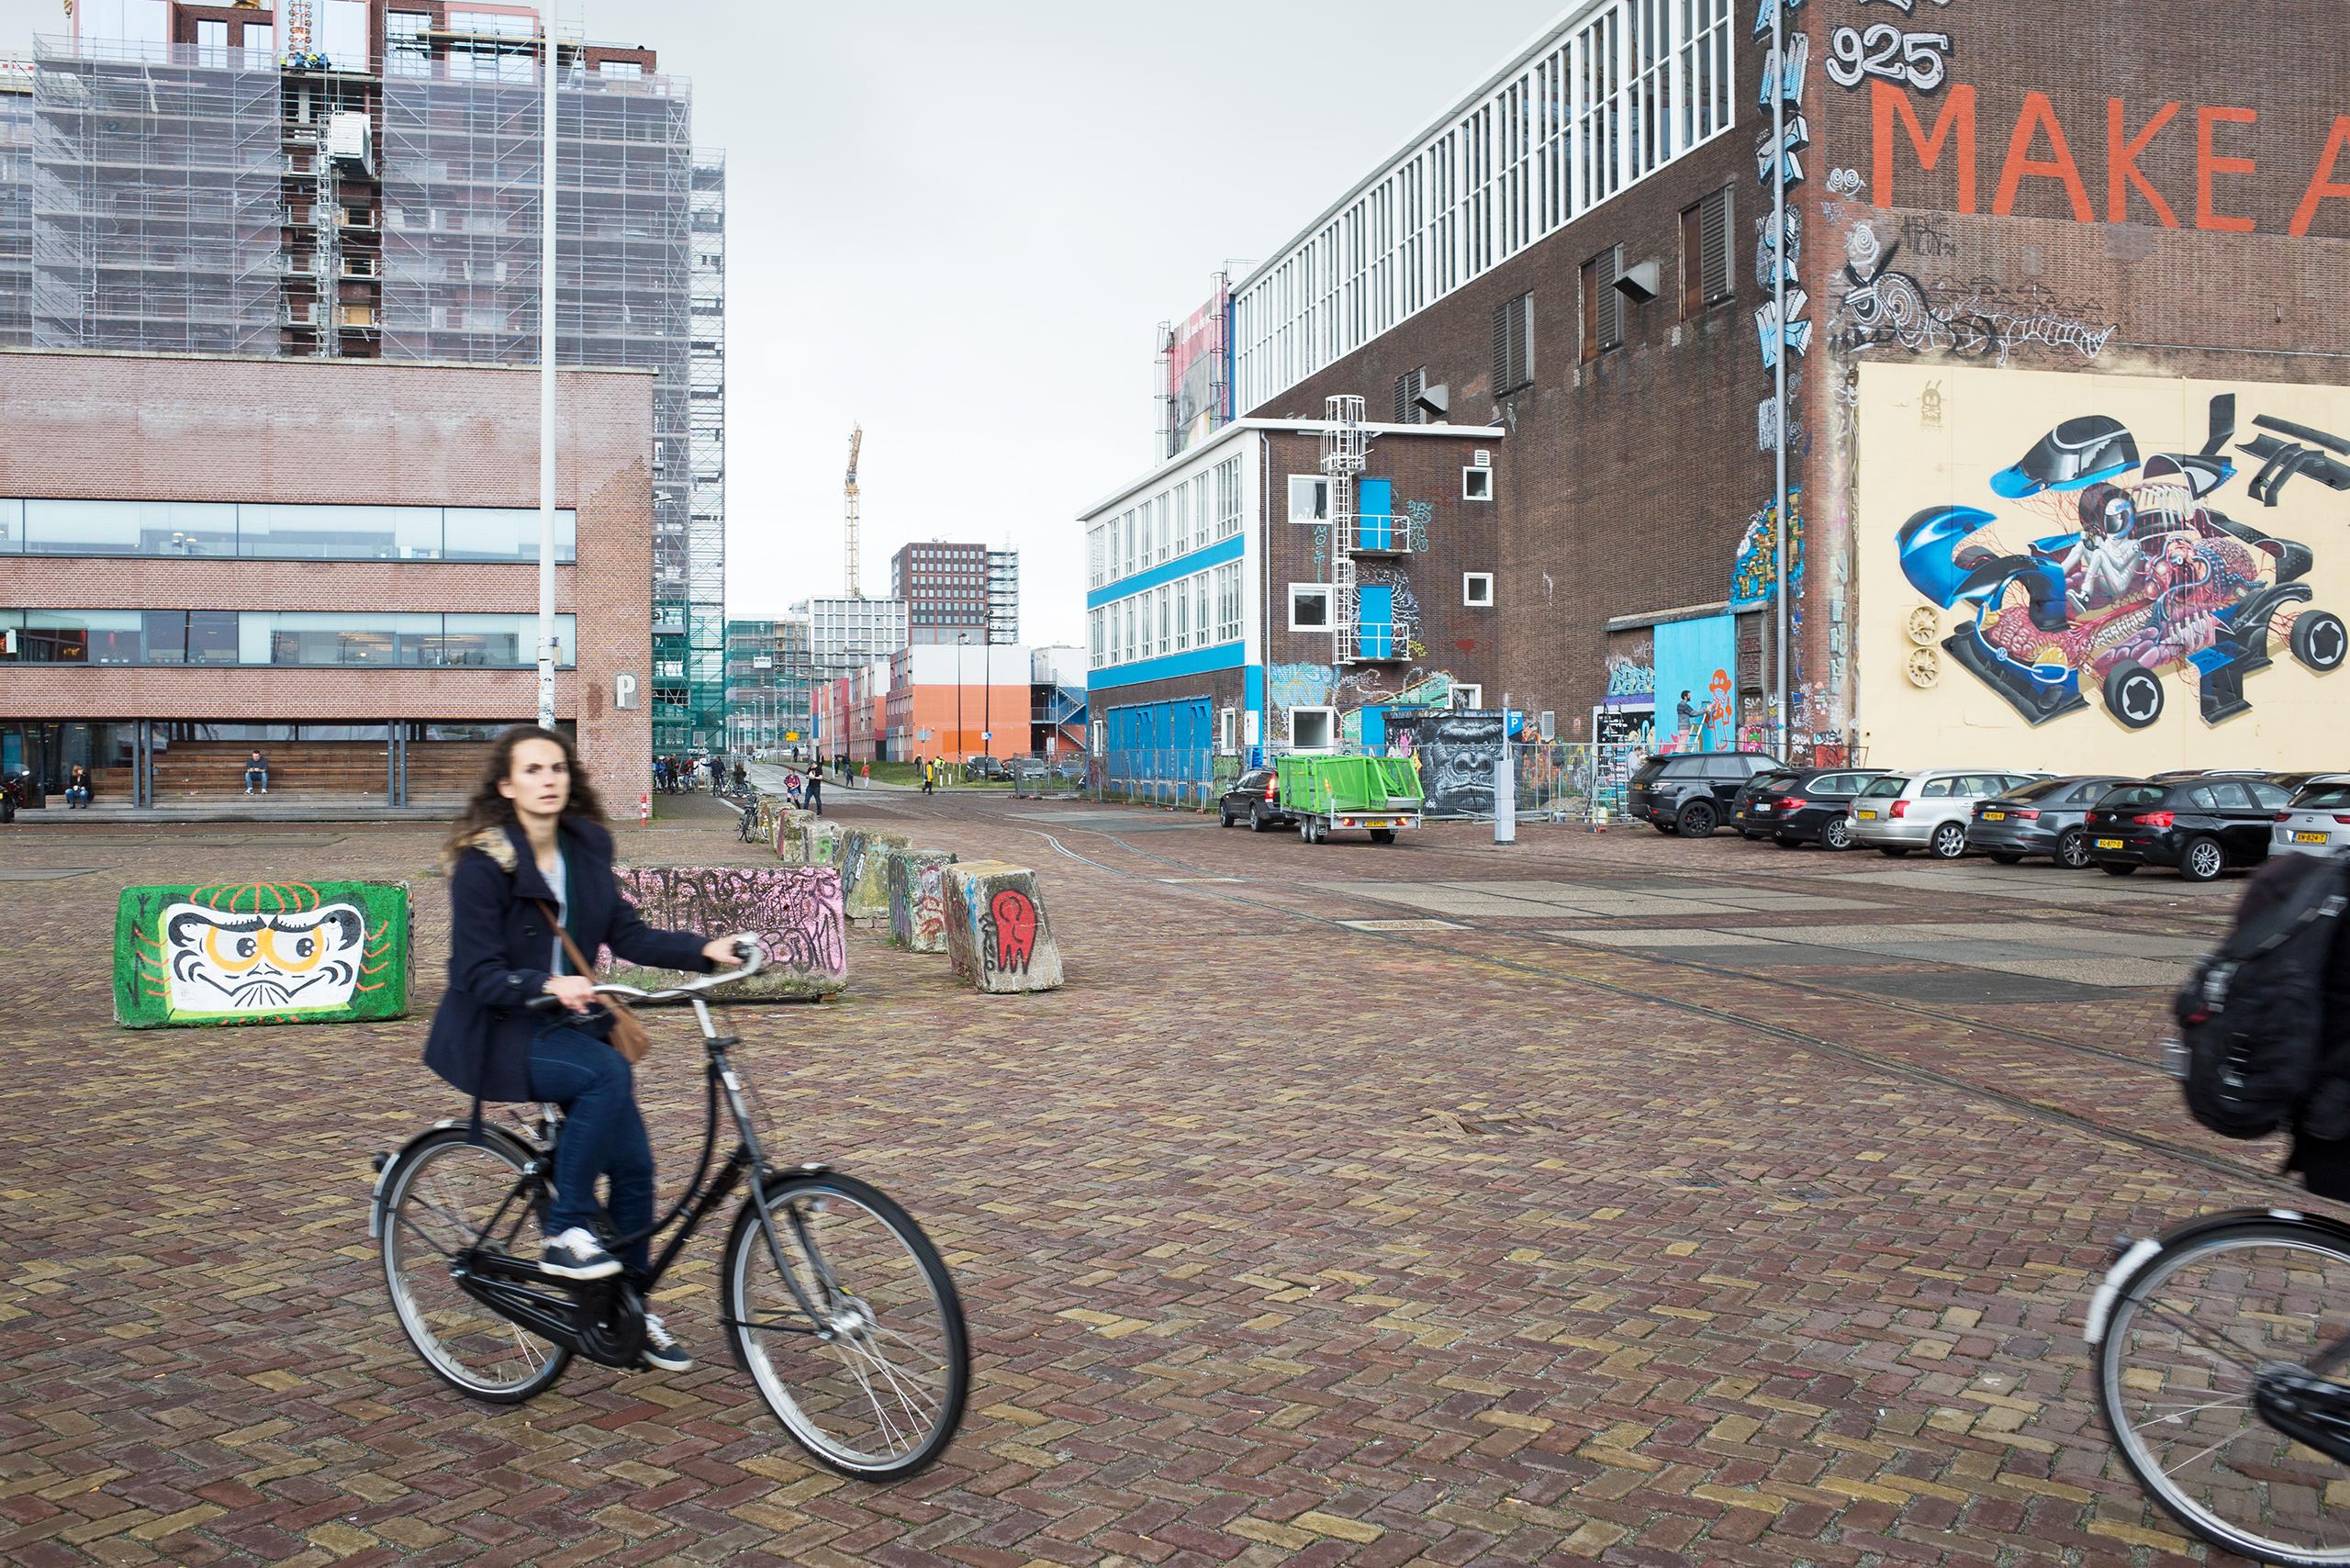 NDSM Wharf in Amsterdam